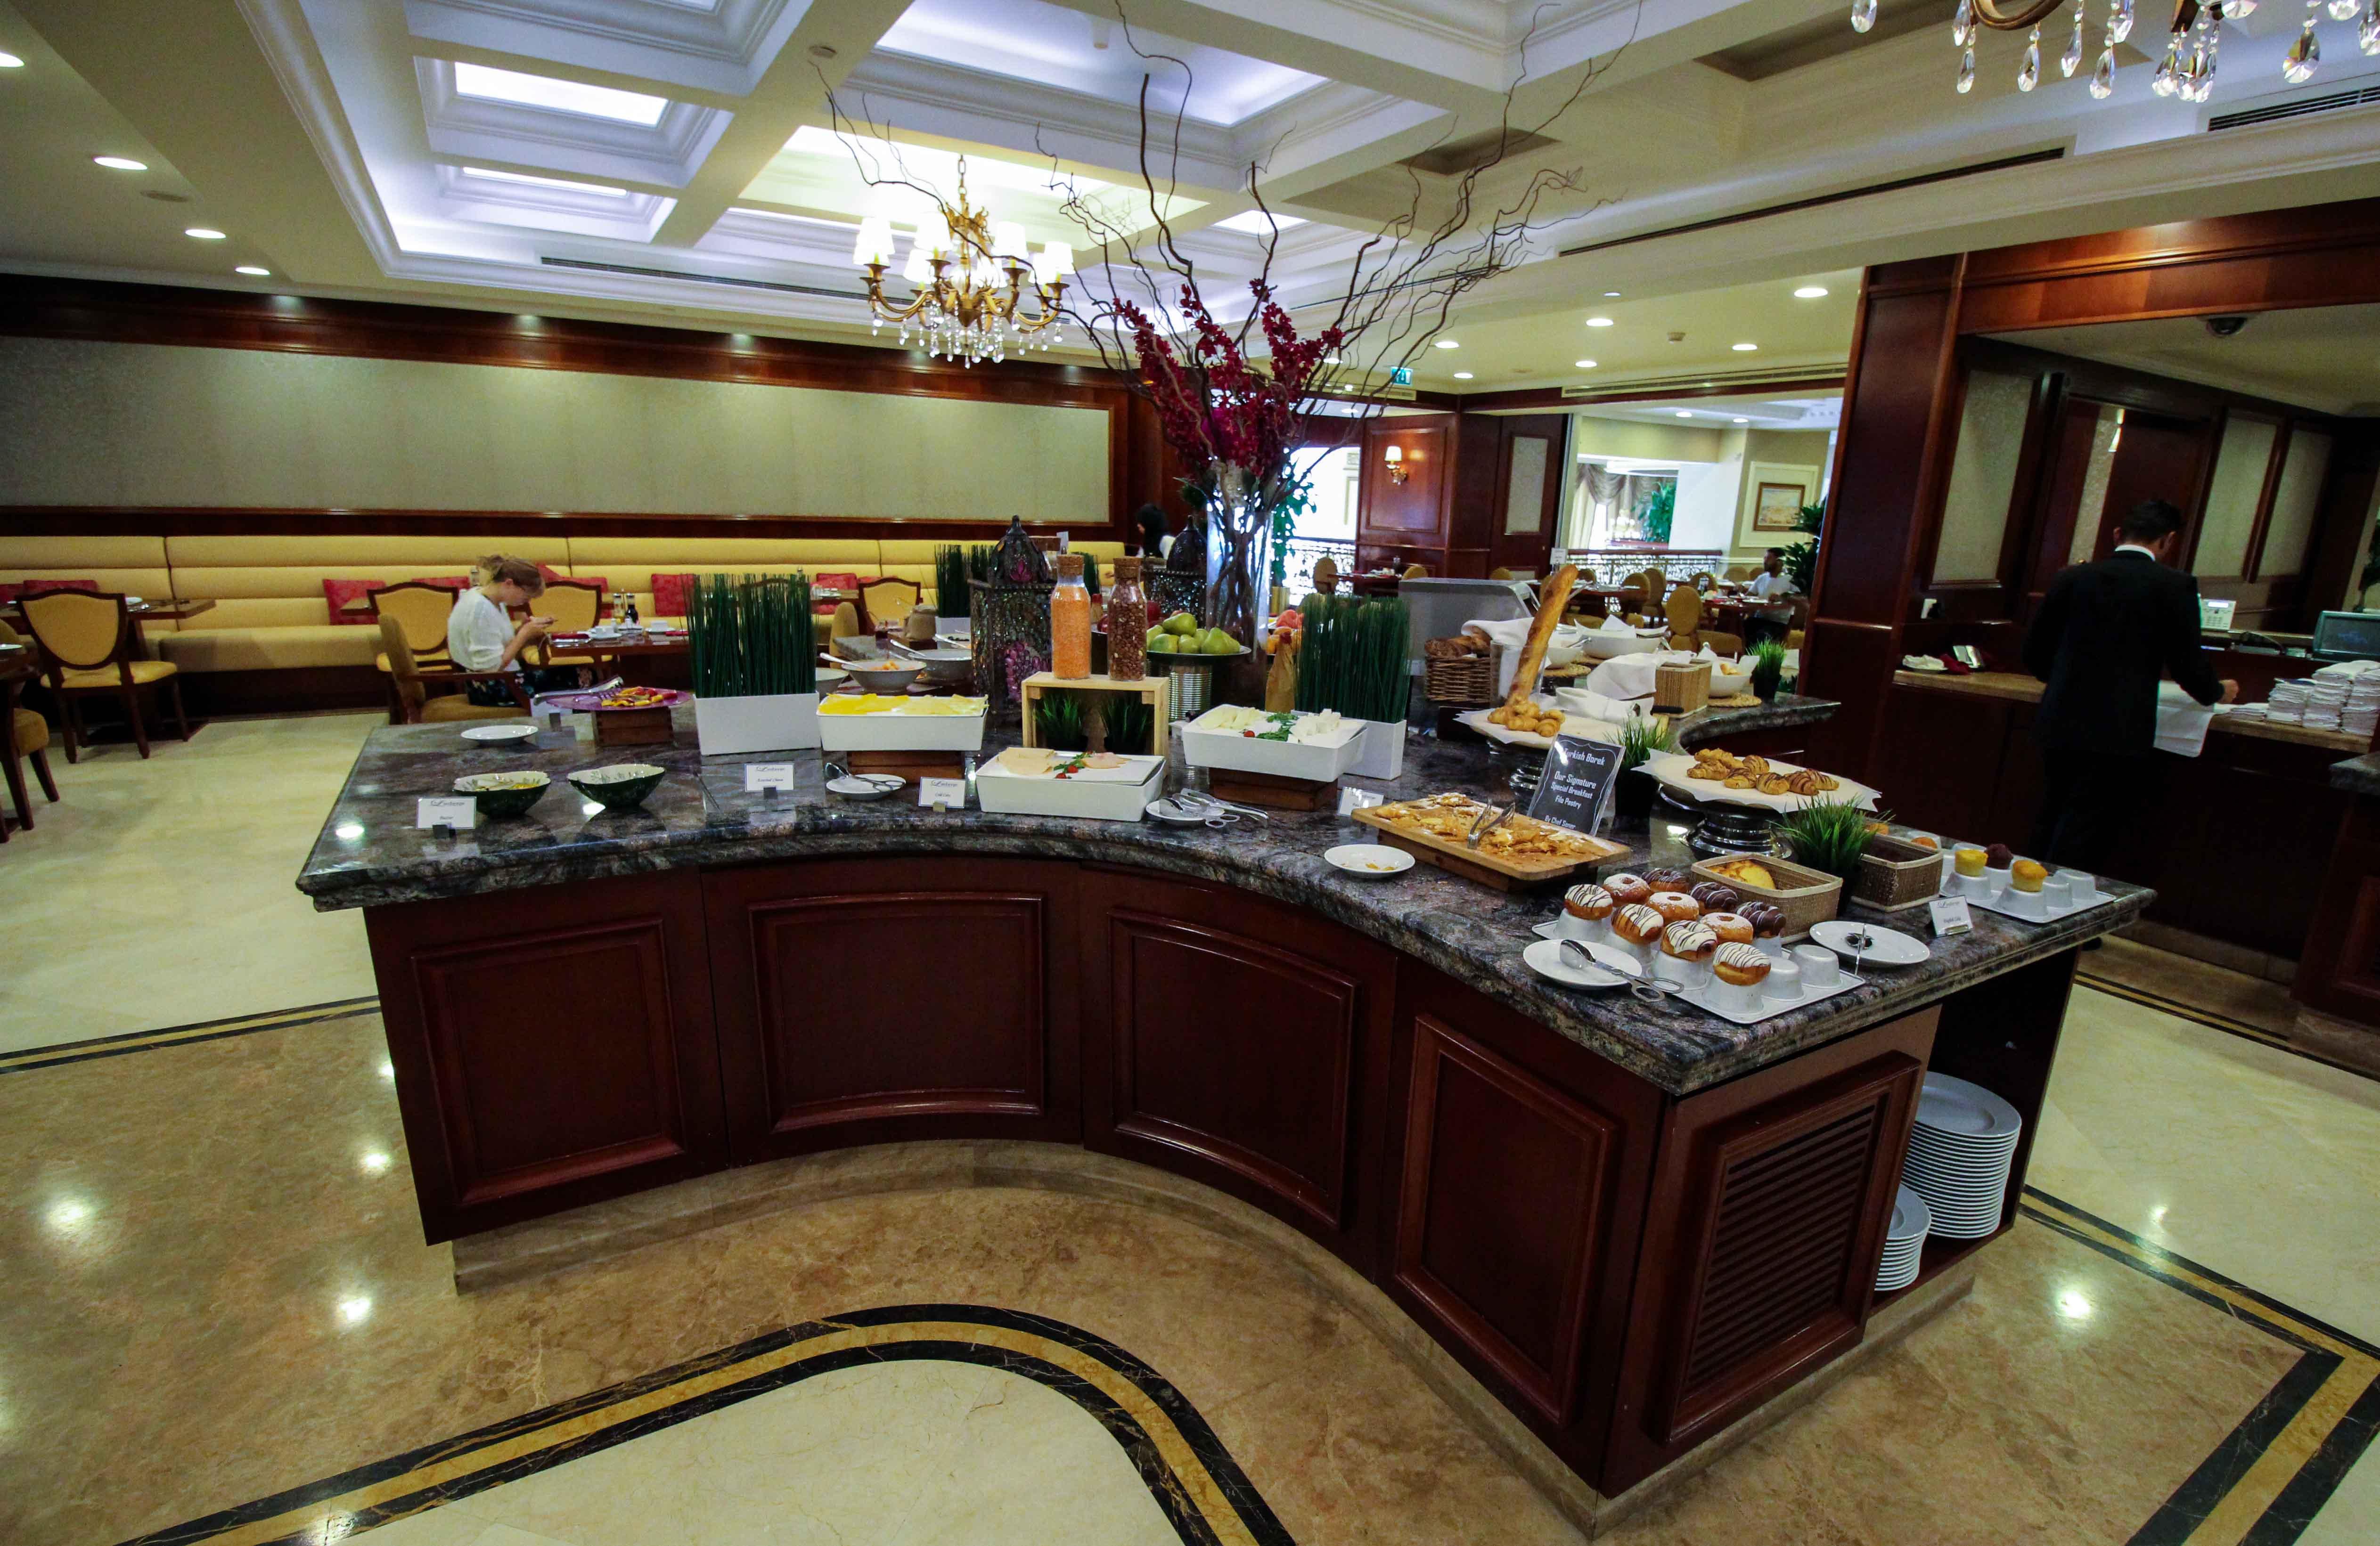 Warwick Hotel Doha Frühstücksraum Luxushotel 5 Sterne Hotel Qatar Reiseblog